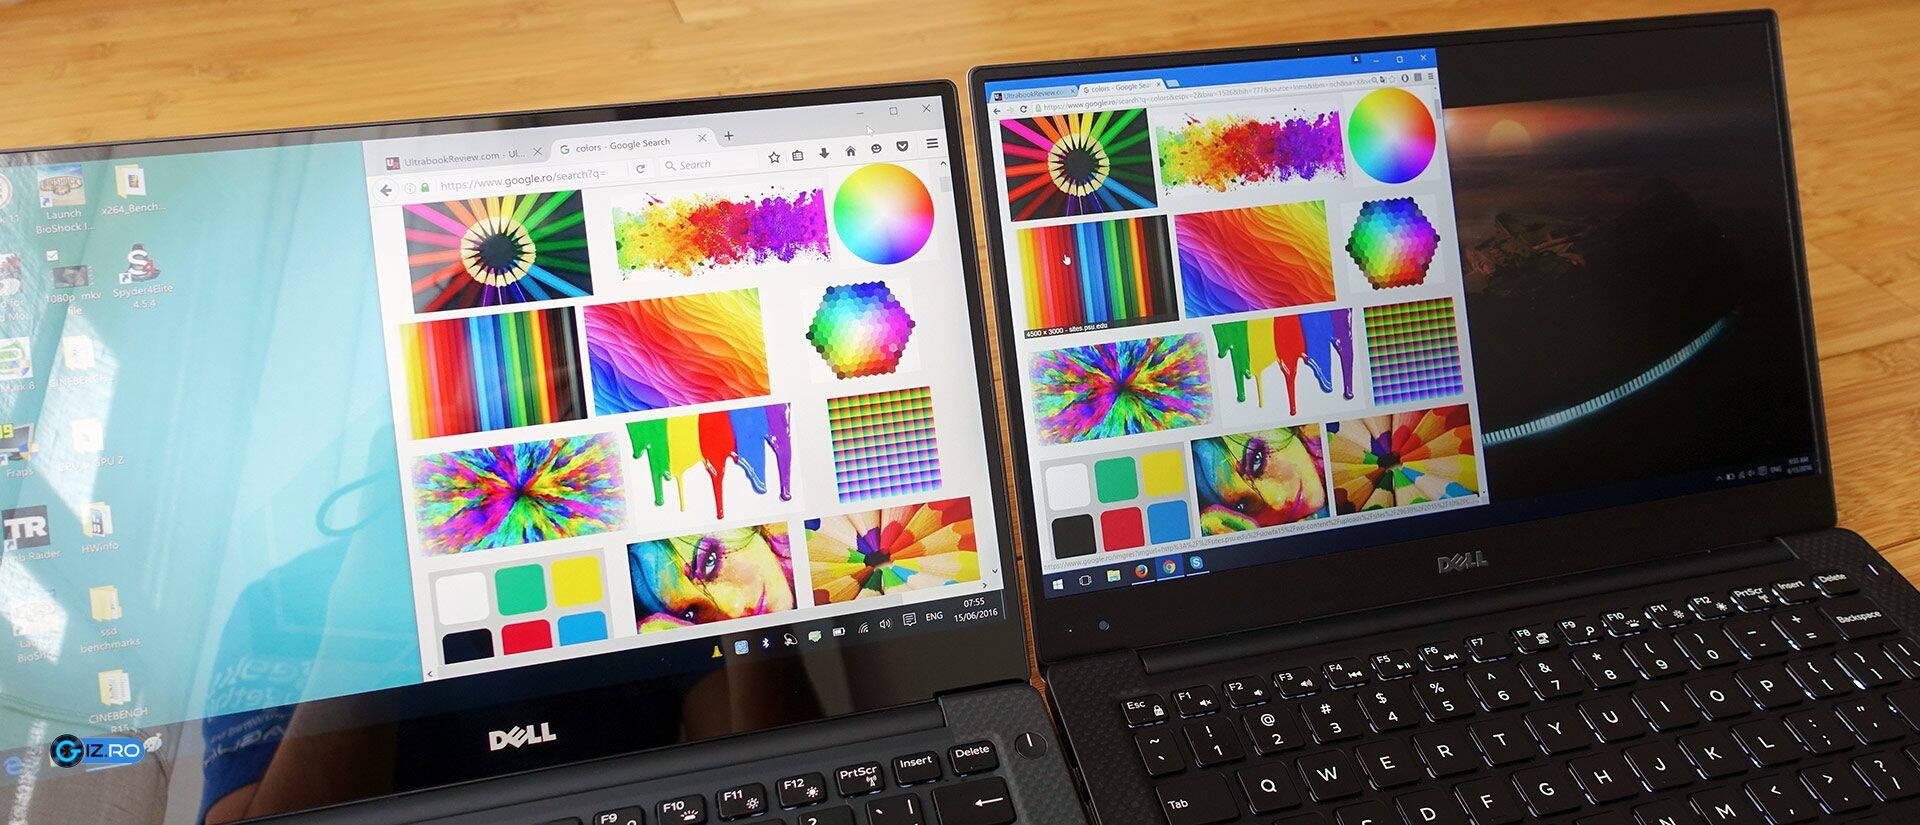 XPS-ul este disponibil în România doar cu ecran lucios (stânga), deși opțiunea mată (dreapta) este la rândul ei foarte bună și mult mai accesibilă